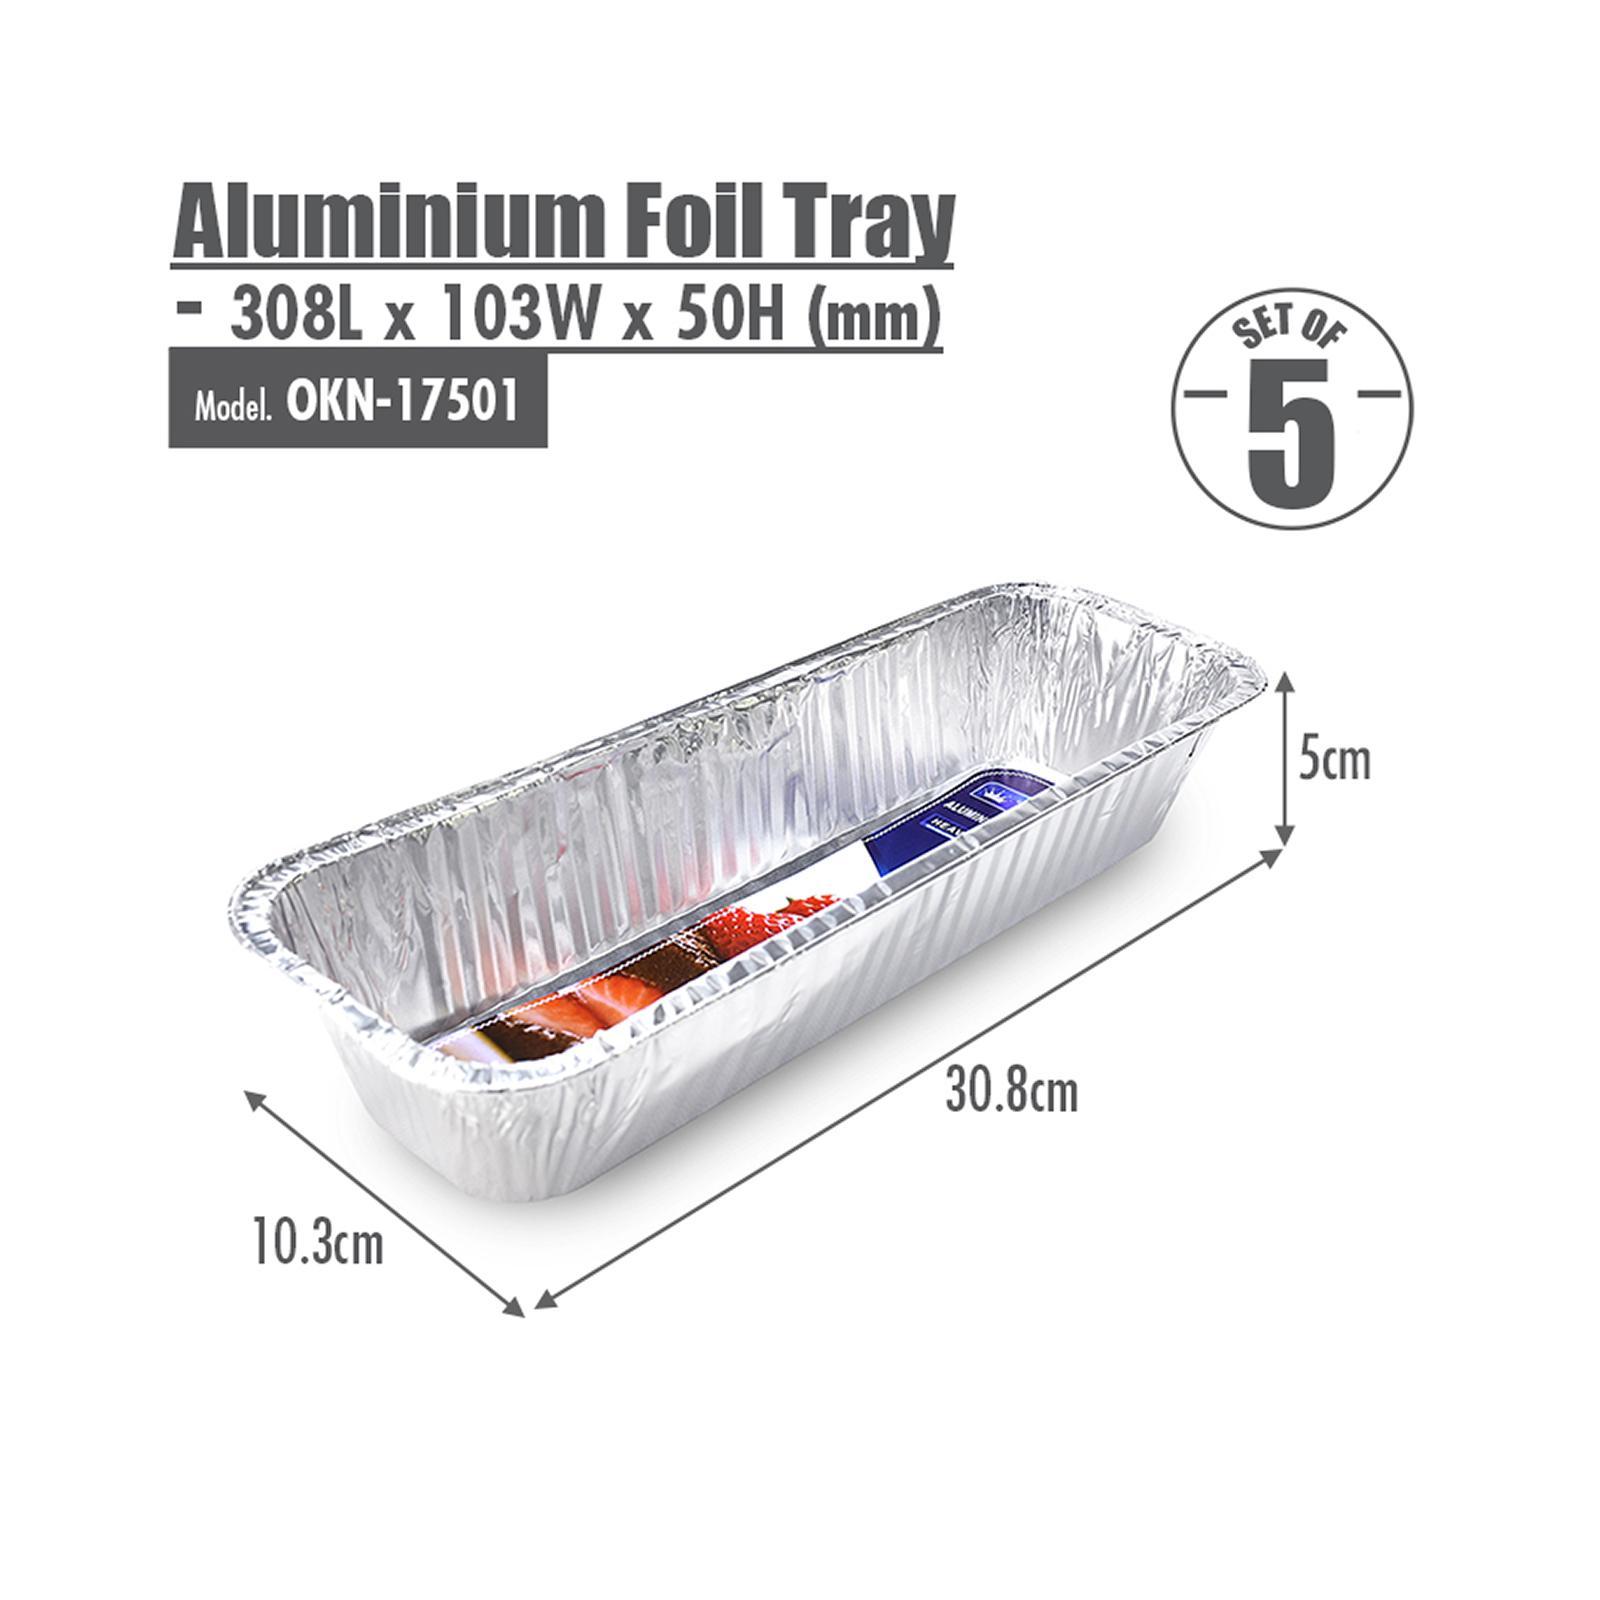 HOUZE Aluminium Foil Tray - Set of 5